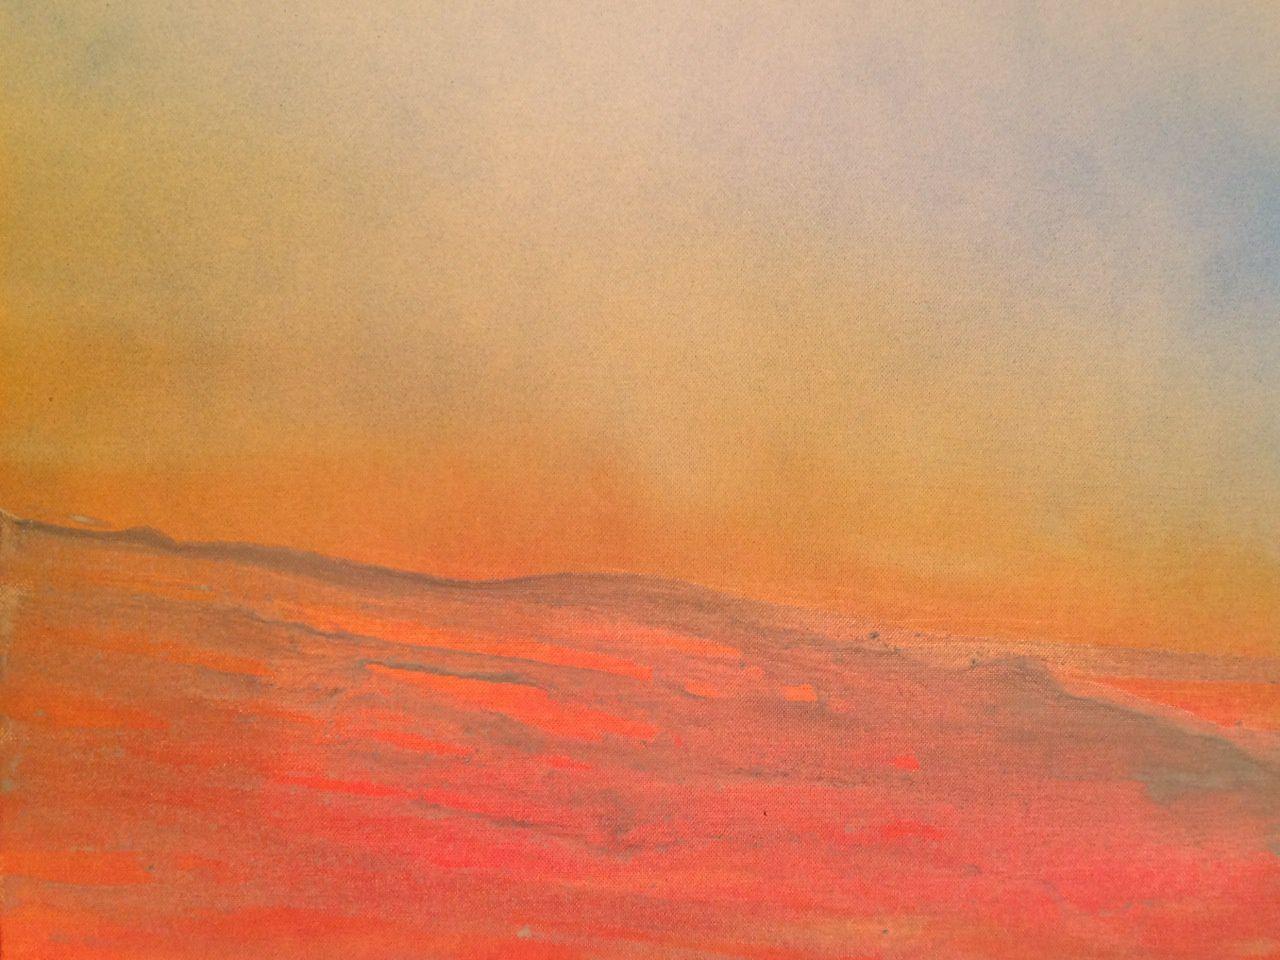 Couchant (Acrylique 8P sur carton toilé inséré dans une caisse américaine) -  Soleil couchant sur Saint-Gervais (Aquarelle 20*15)